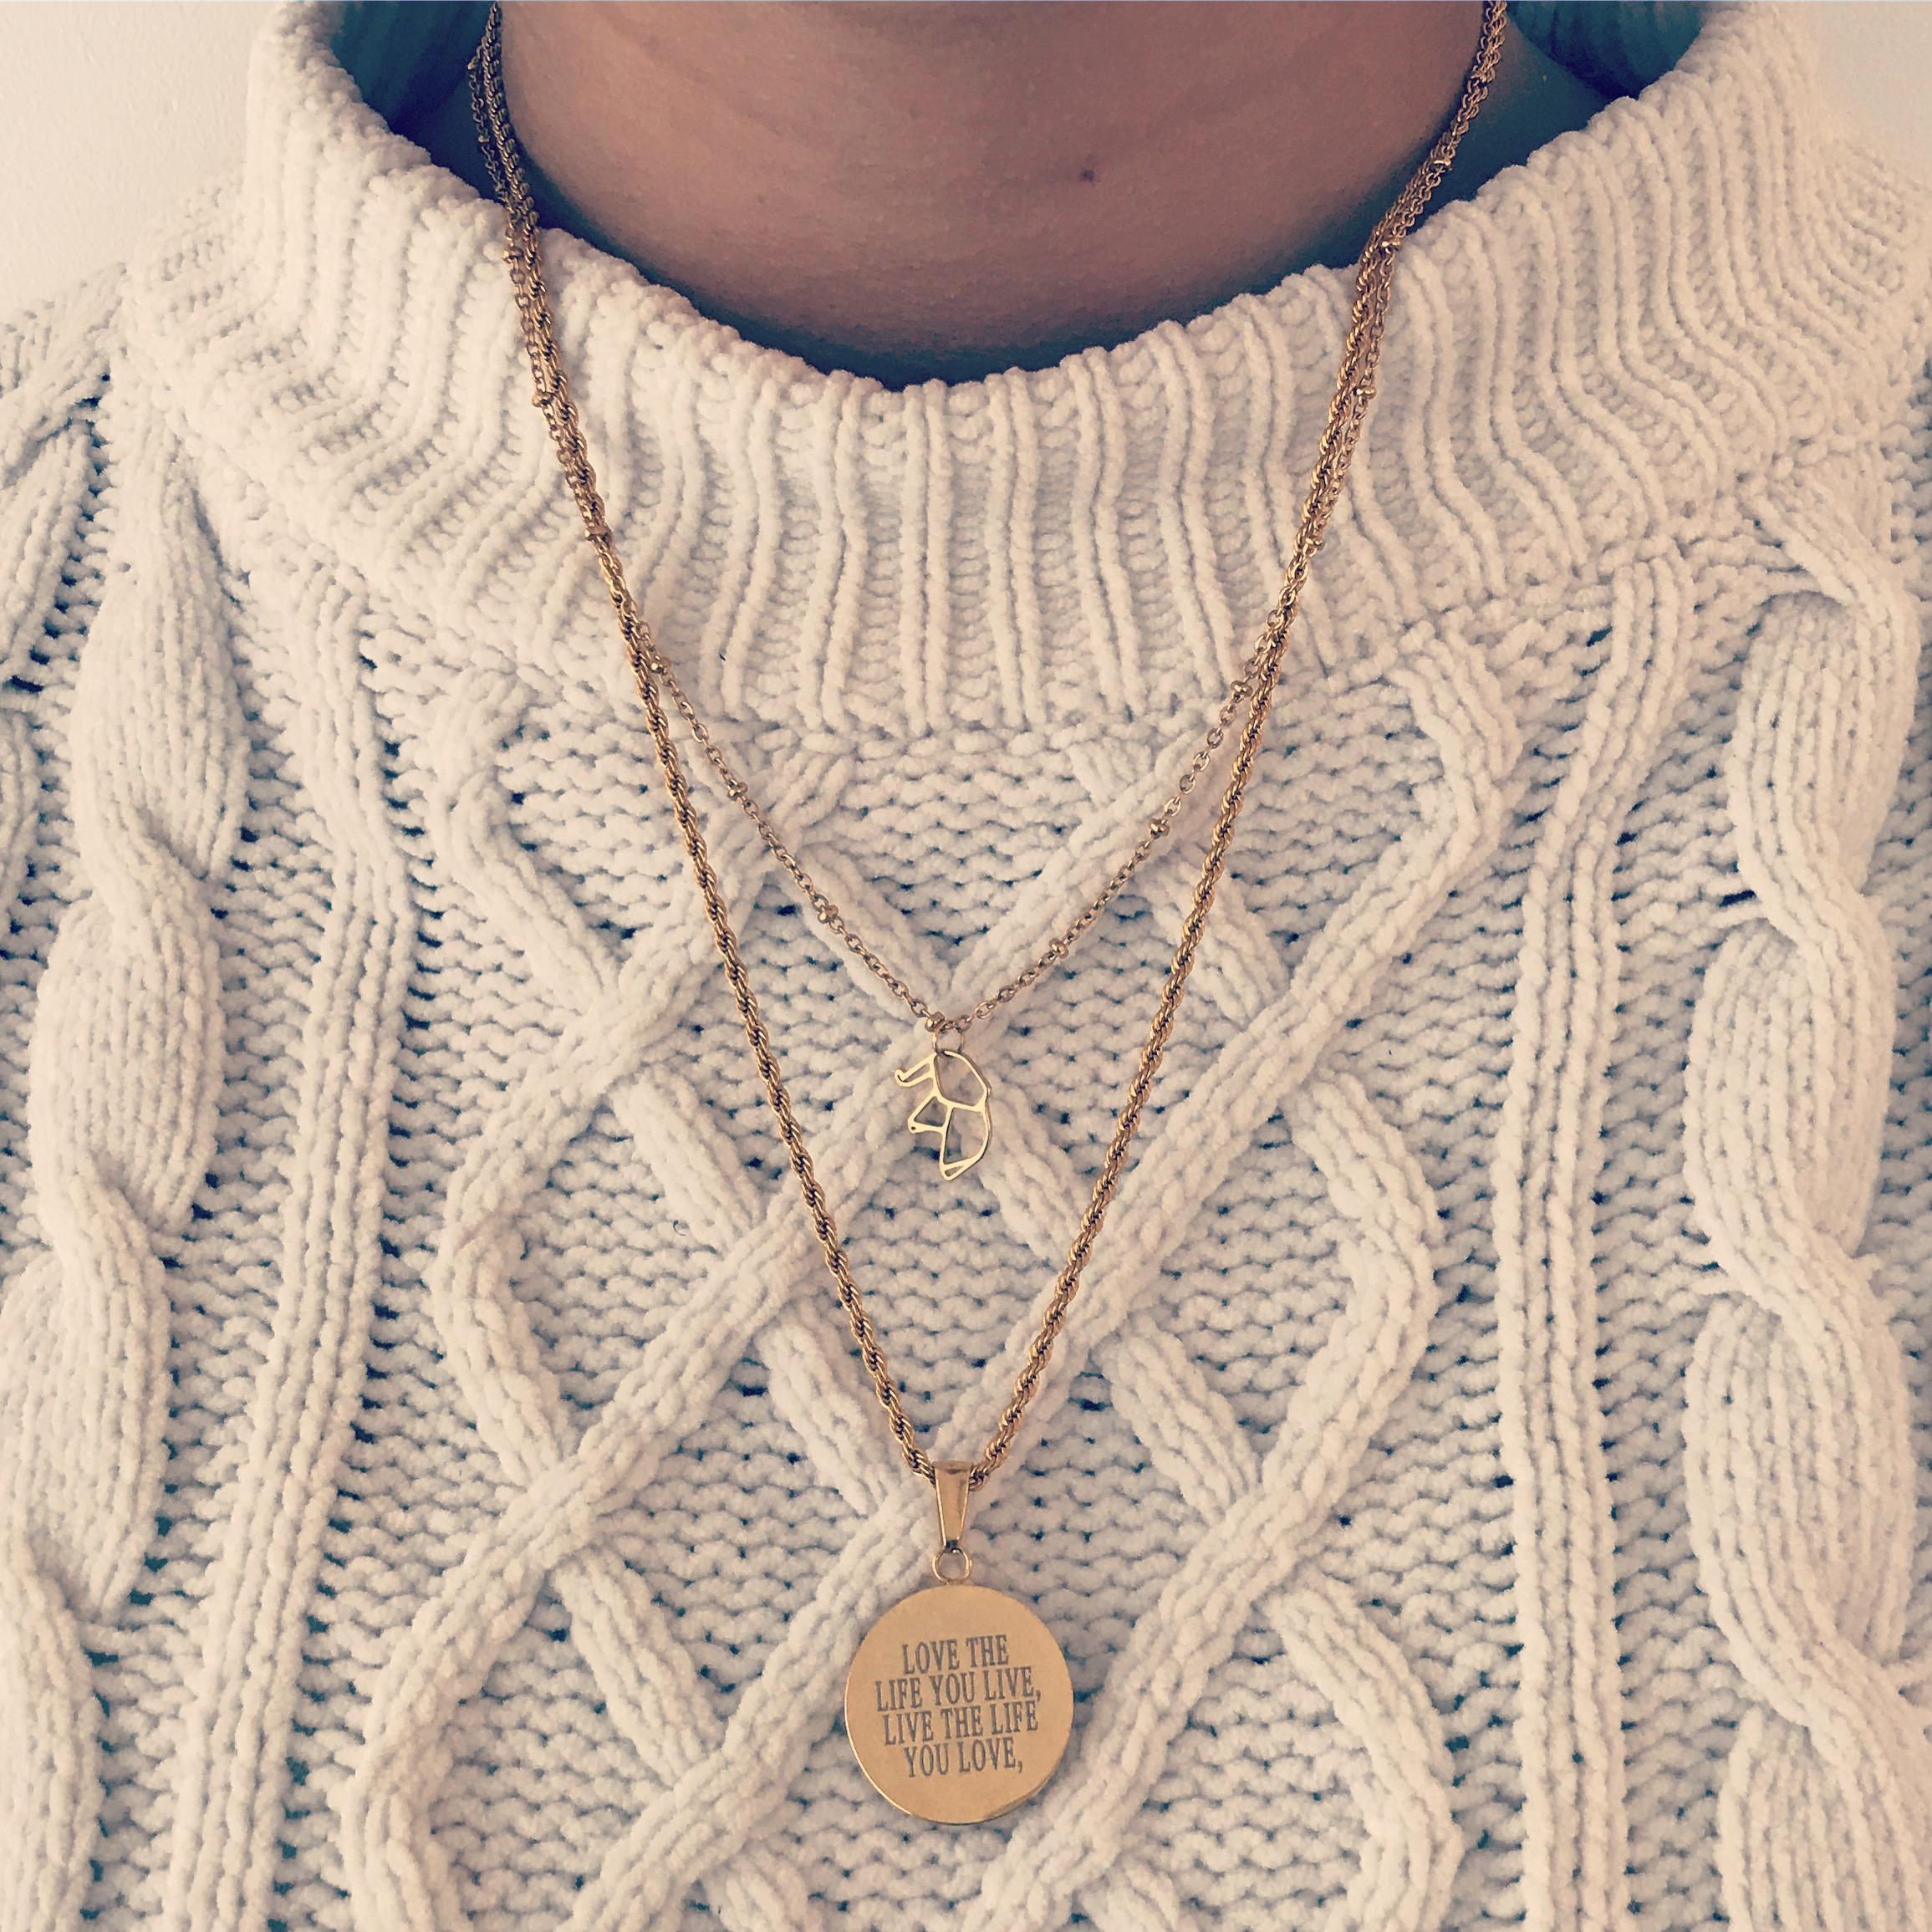 Gouden kettinkjes combinatie op beige trui